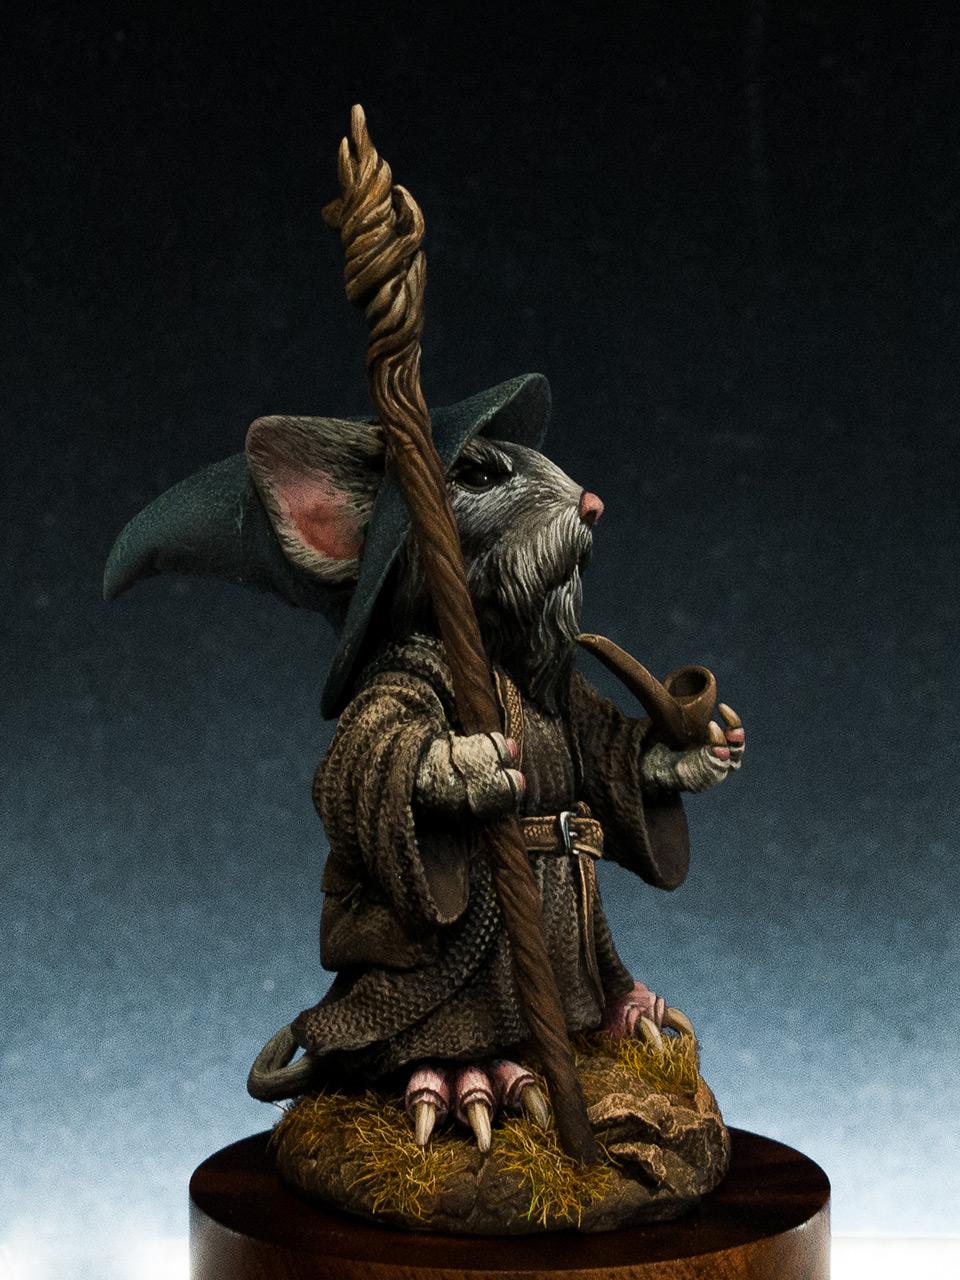 Miscellaneous: Graydalf, photo #13